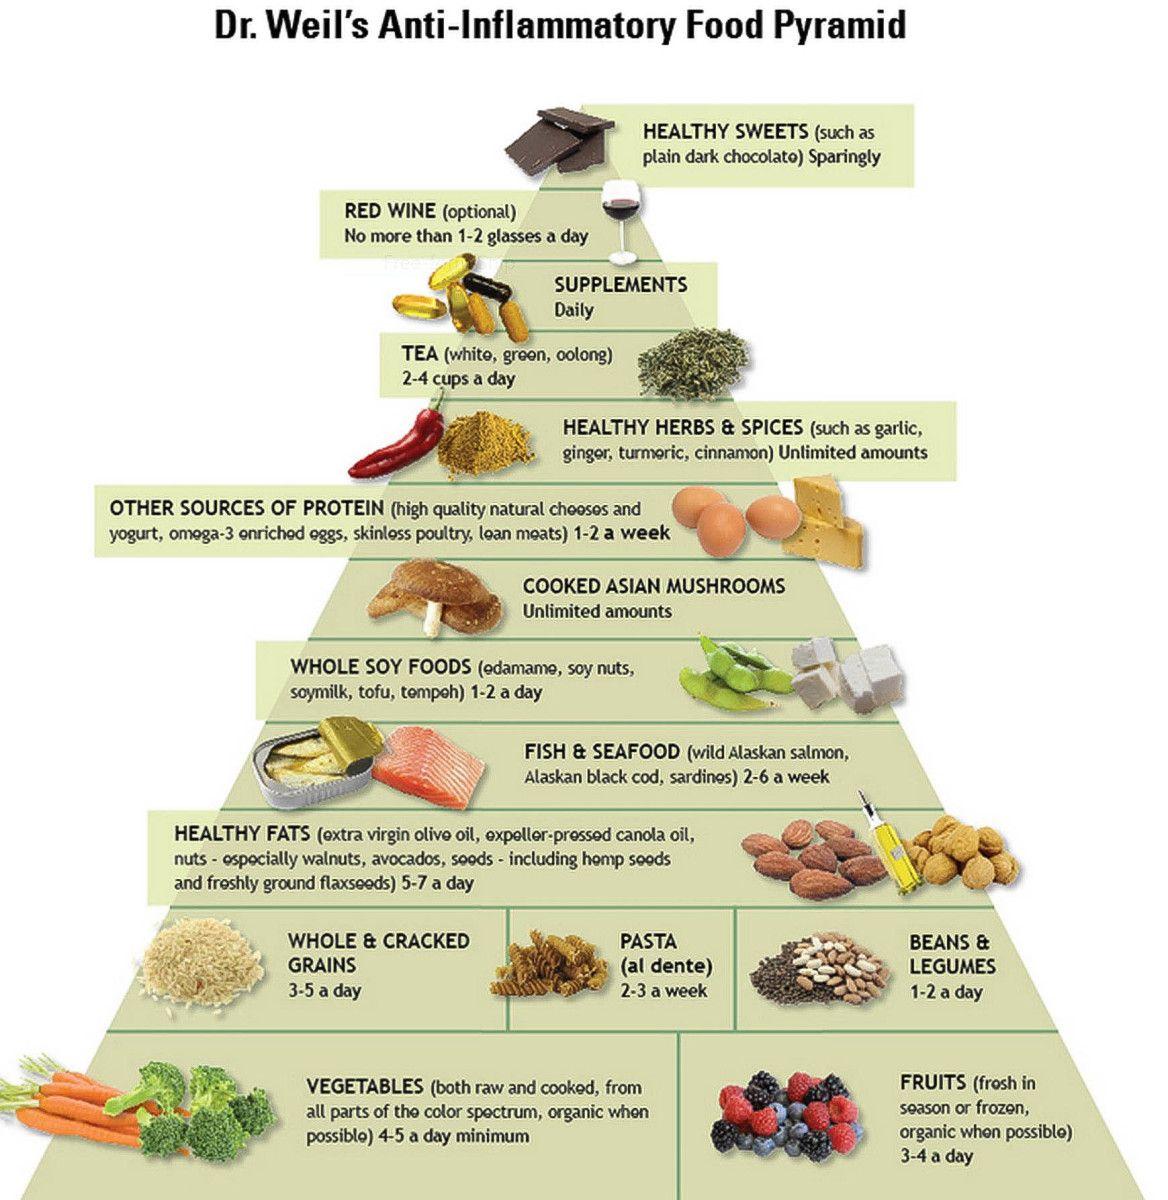 dr weils anti inflammatory diet pyramid